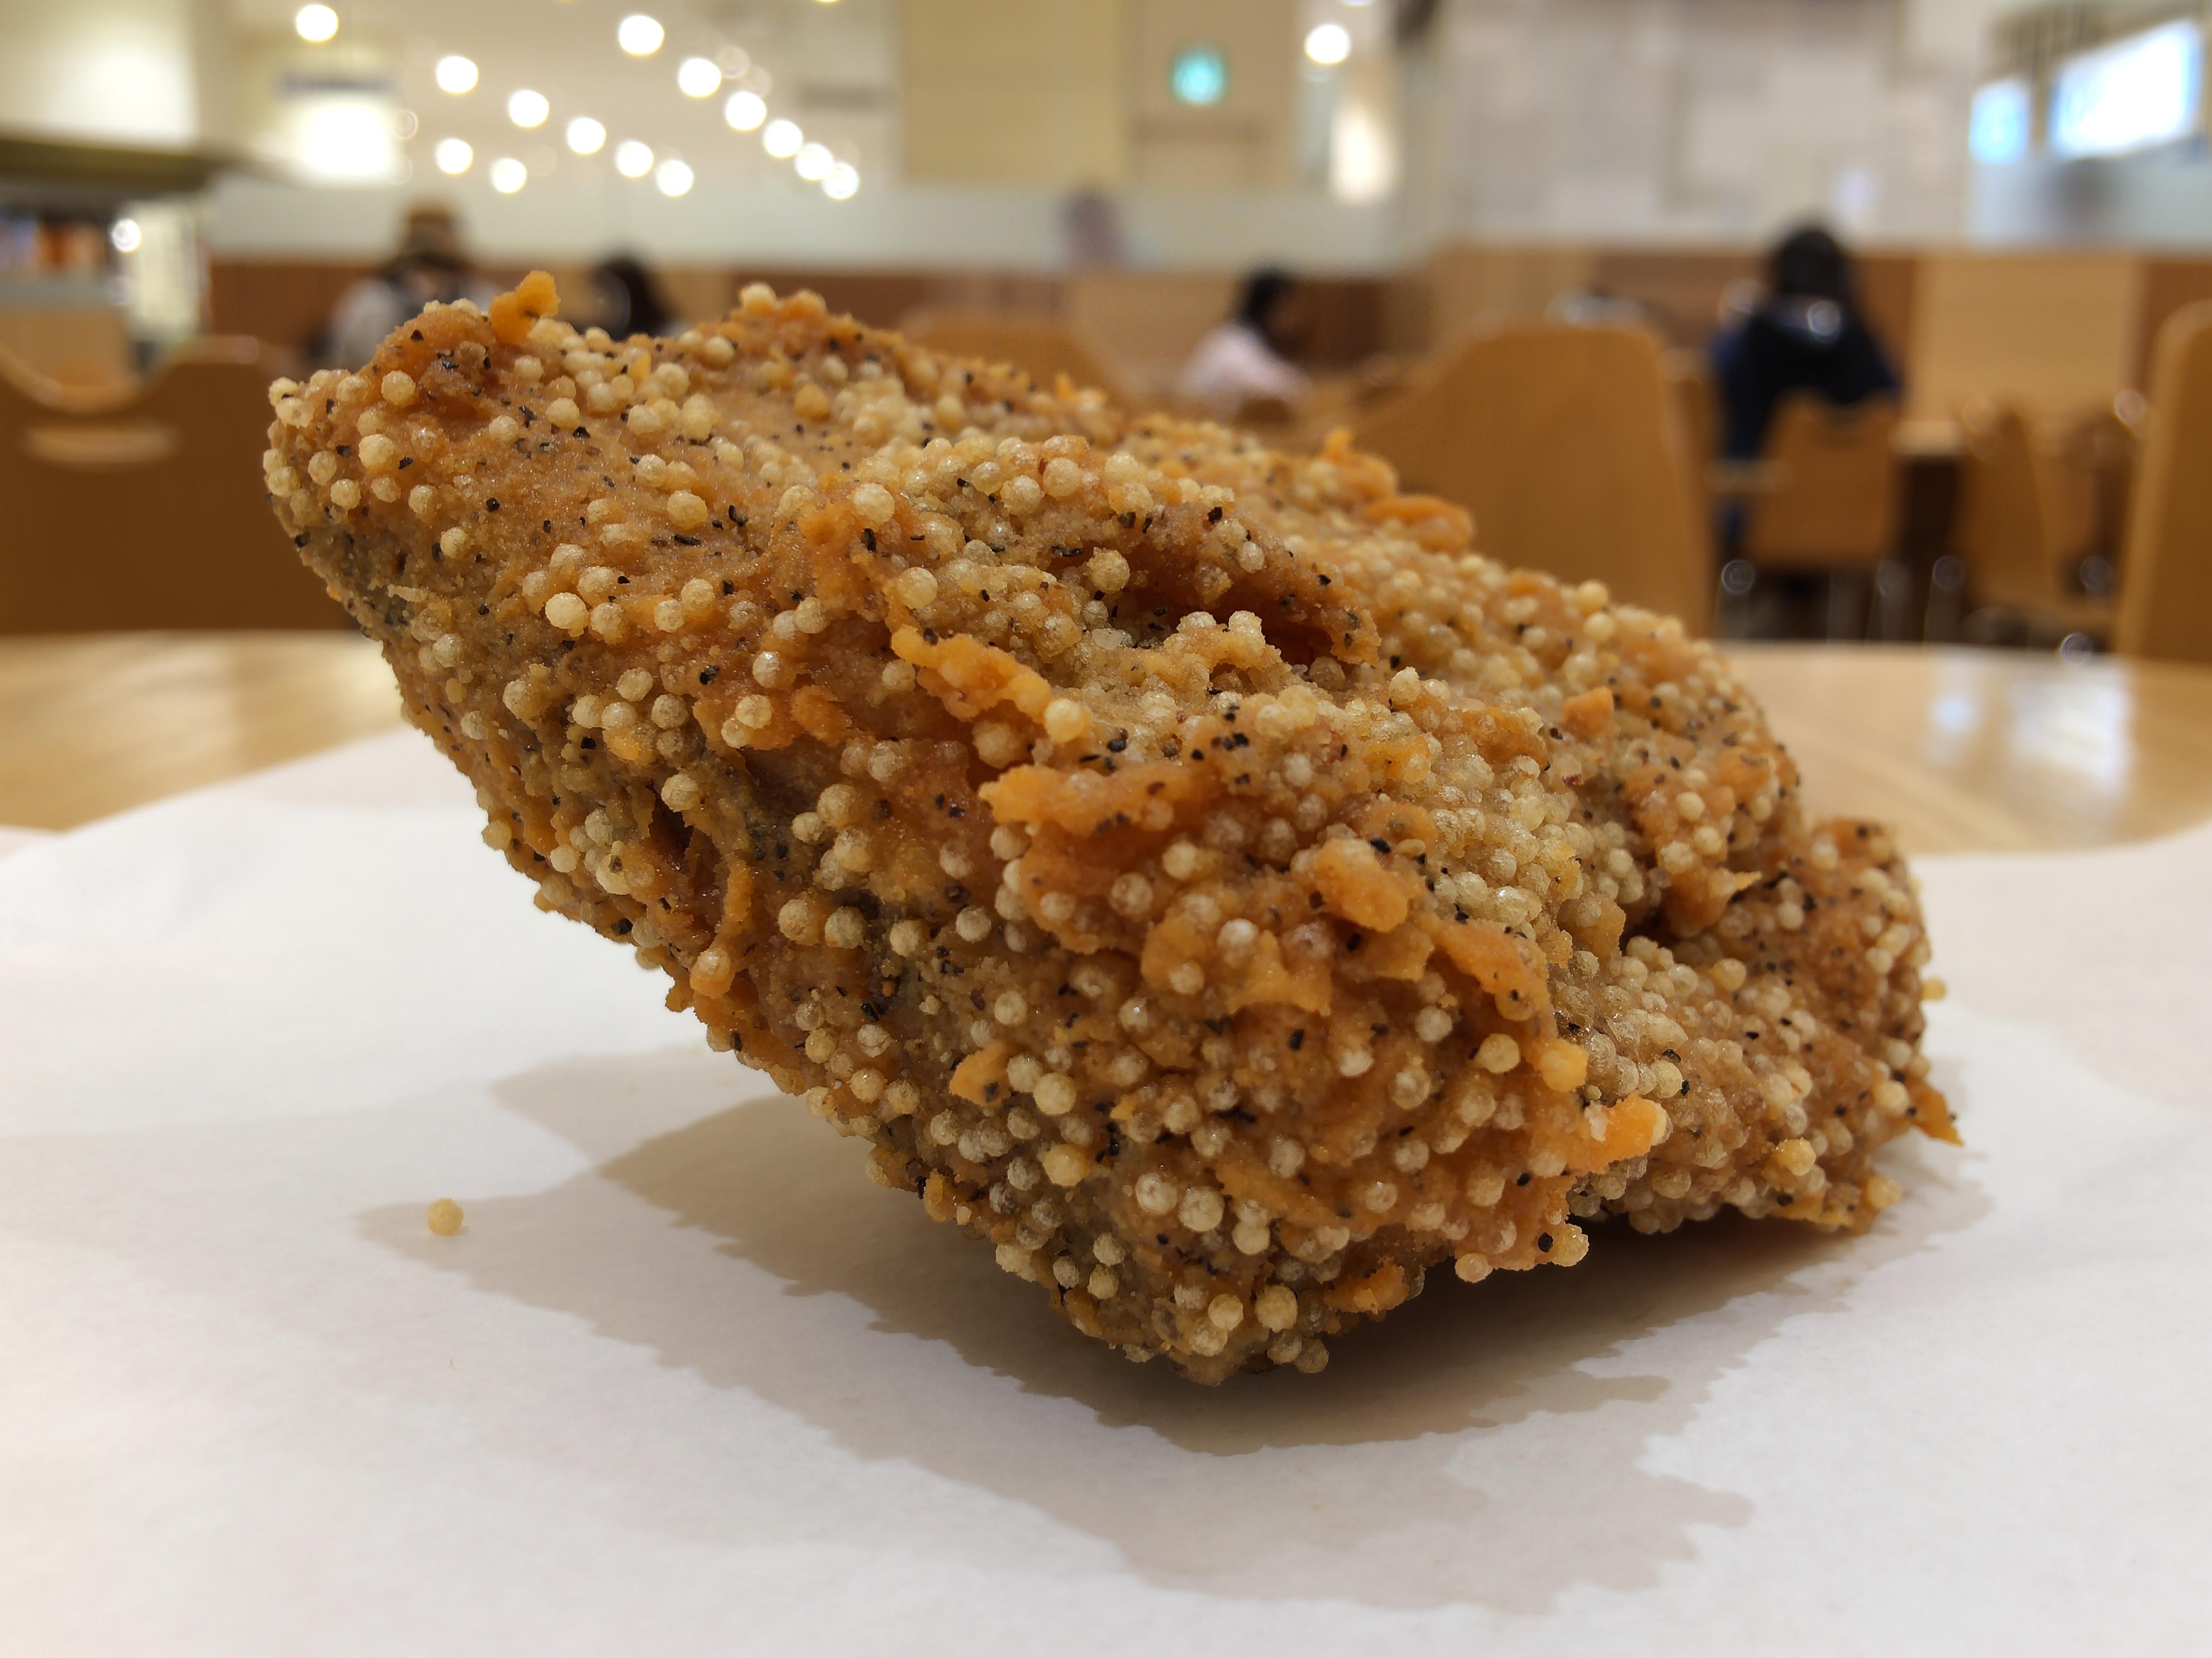 [KFC][味わい岩塩チキン][税込み270円][182kcal]